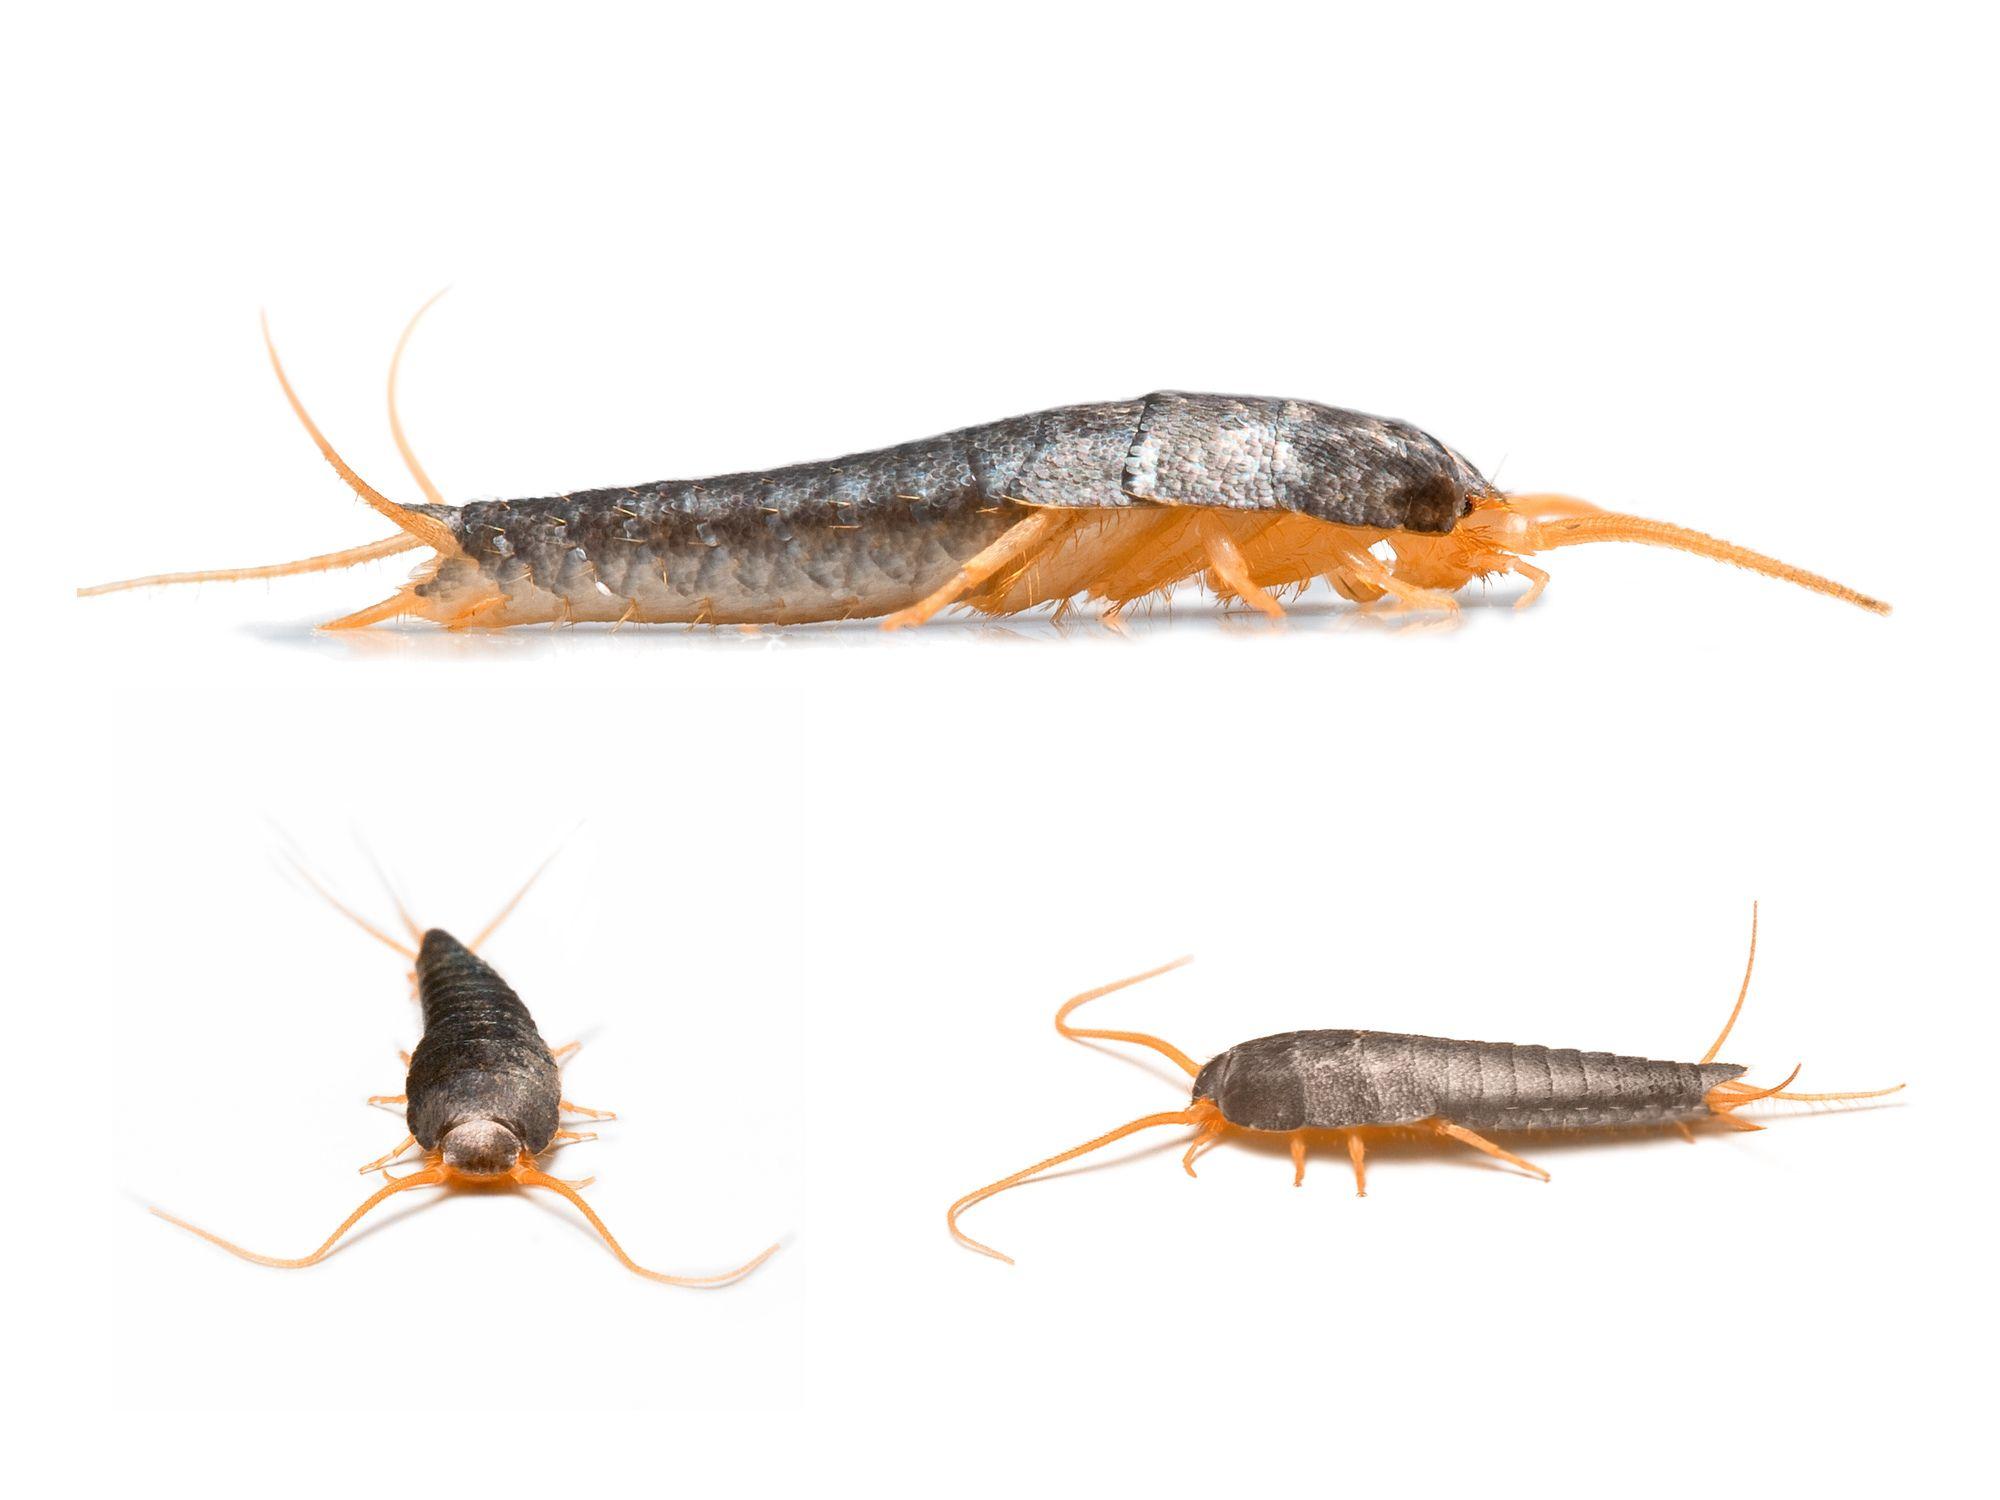 c5d0ba8f27e90e6c6473c7a8d1df8125 - How To Get Rid Of Silverfish In House Uk